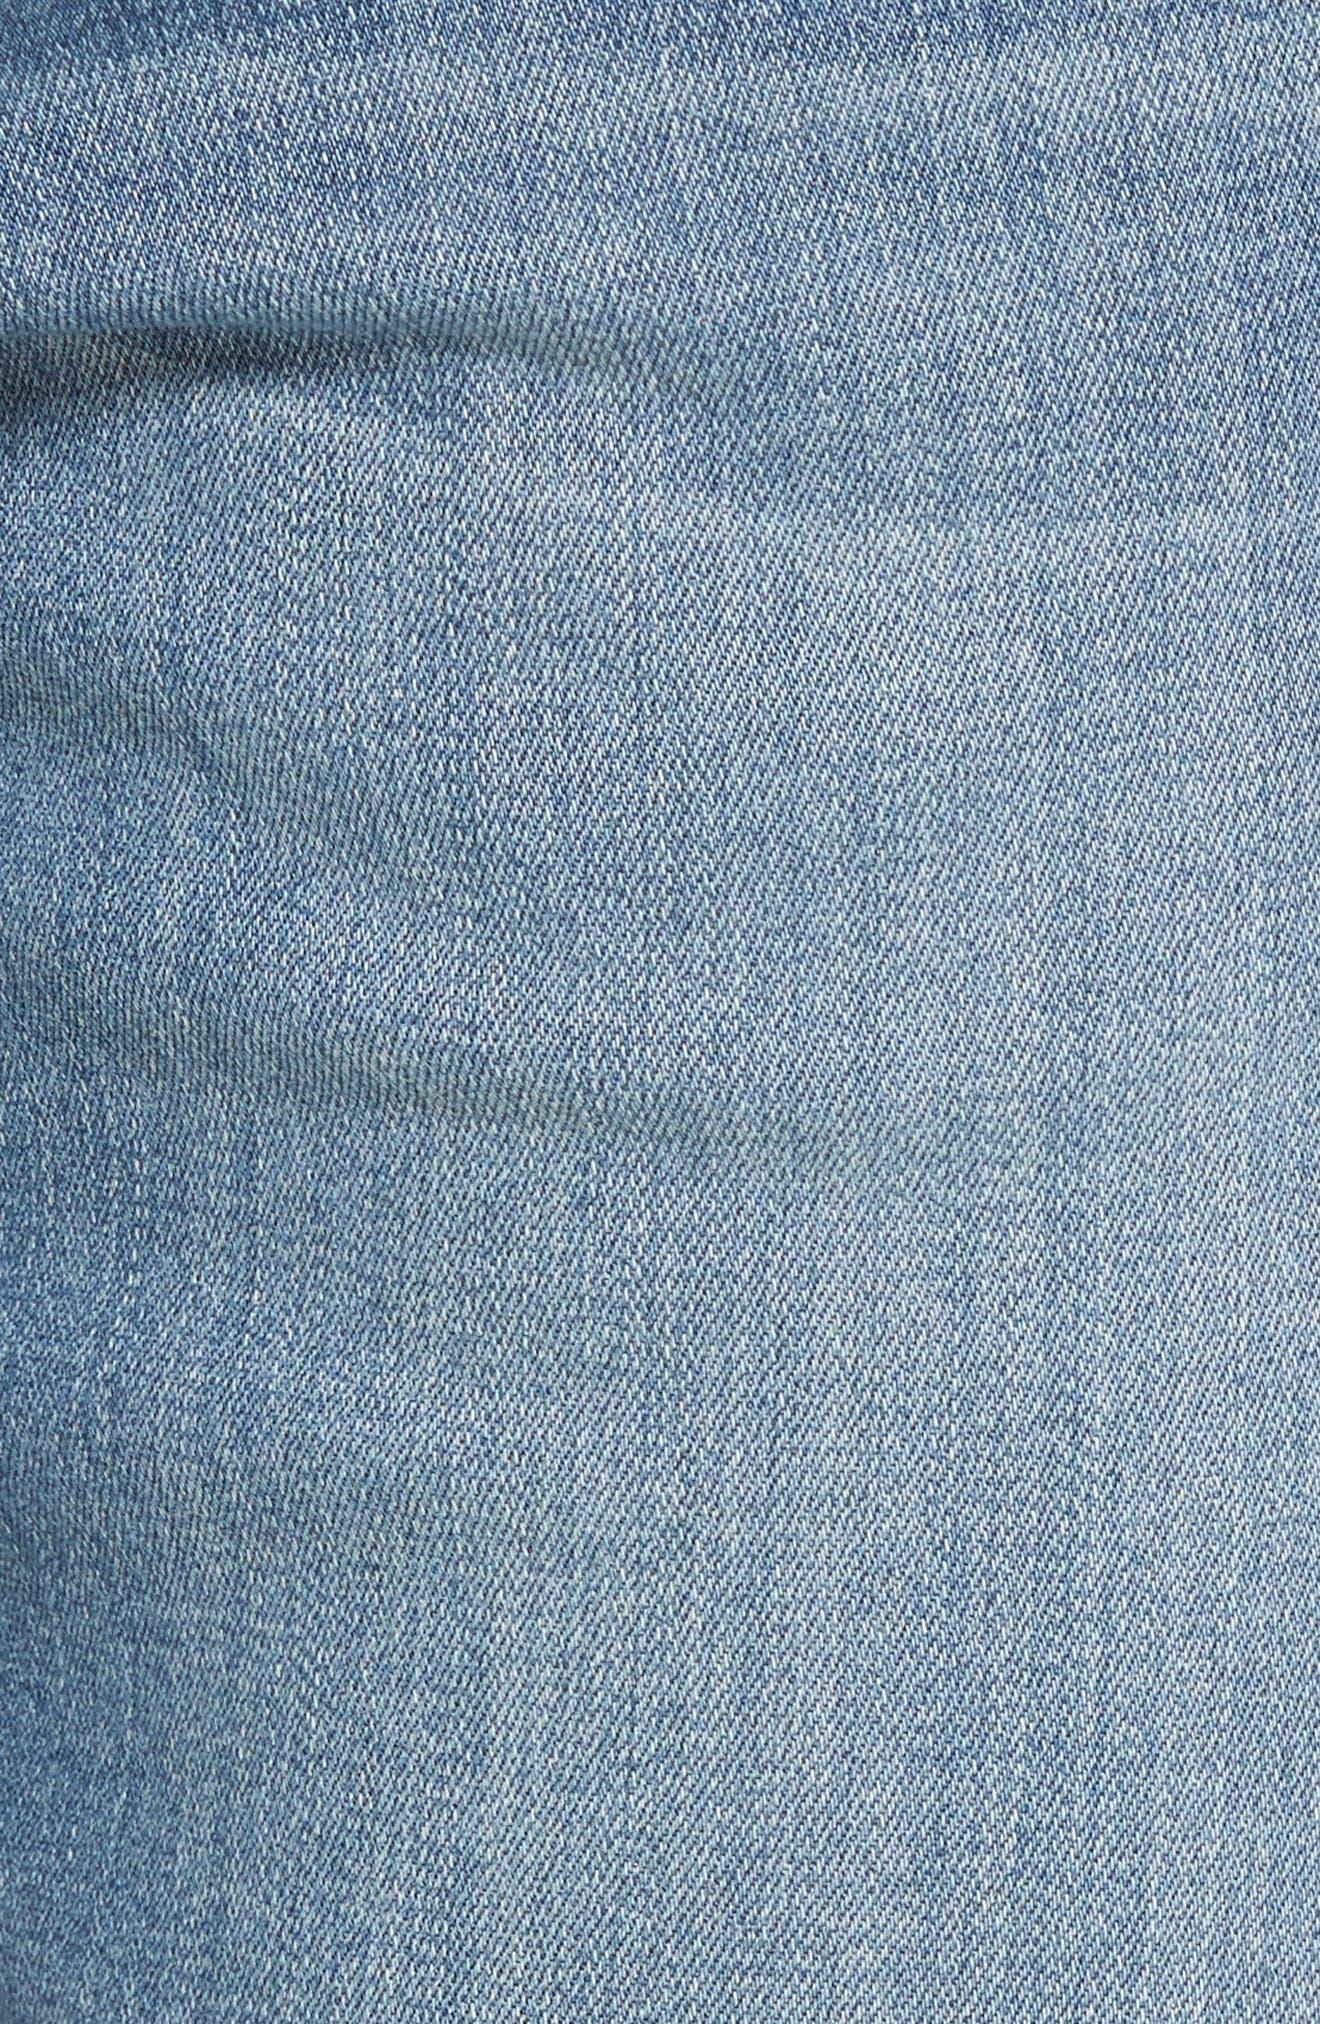 Transcend - Lennox Slim Fit Jeans,                             Alternate thumbnail 5, color,                             Liam